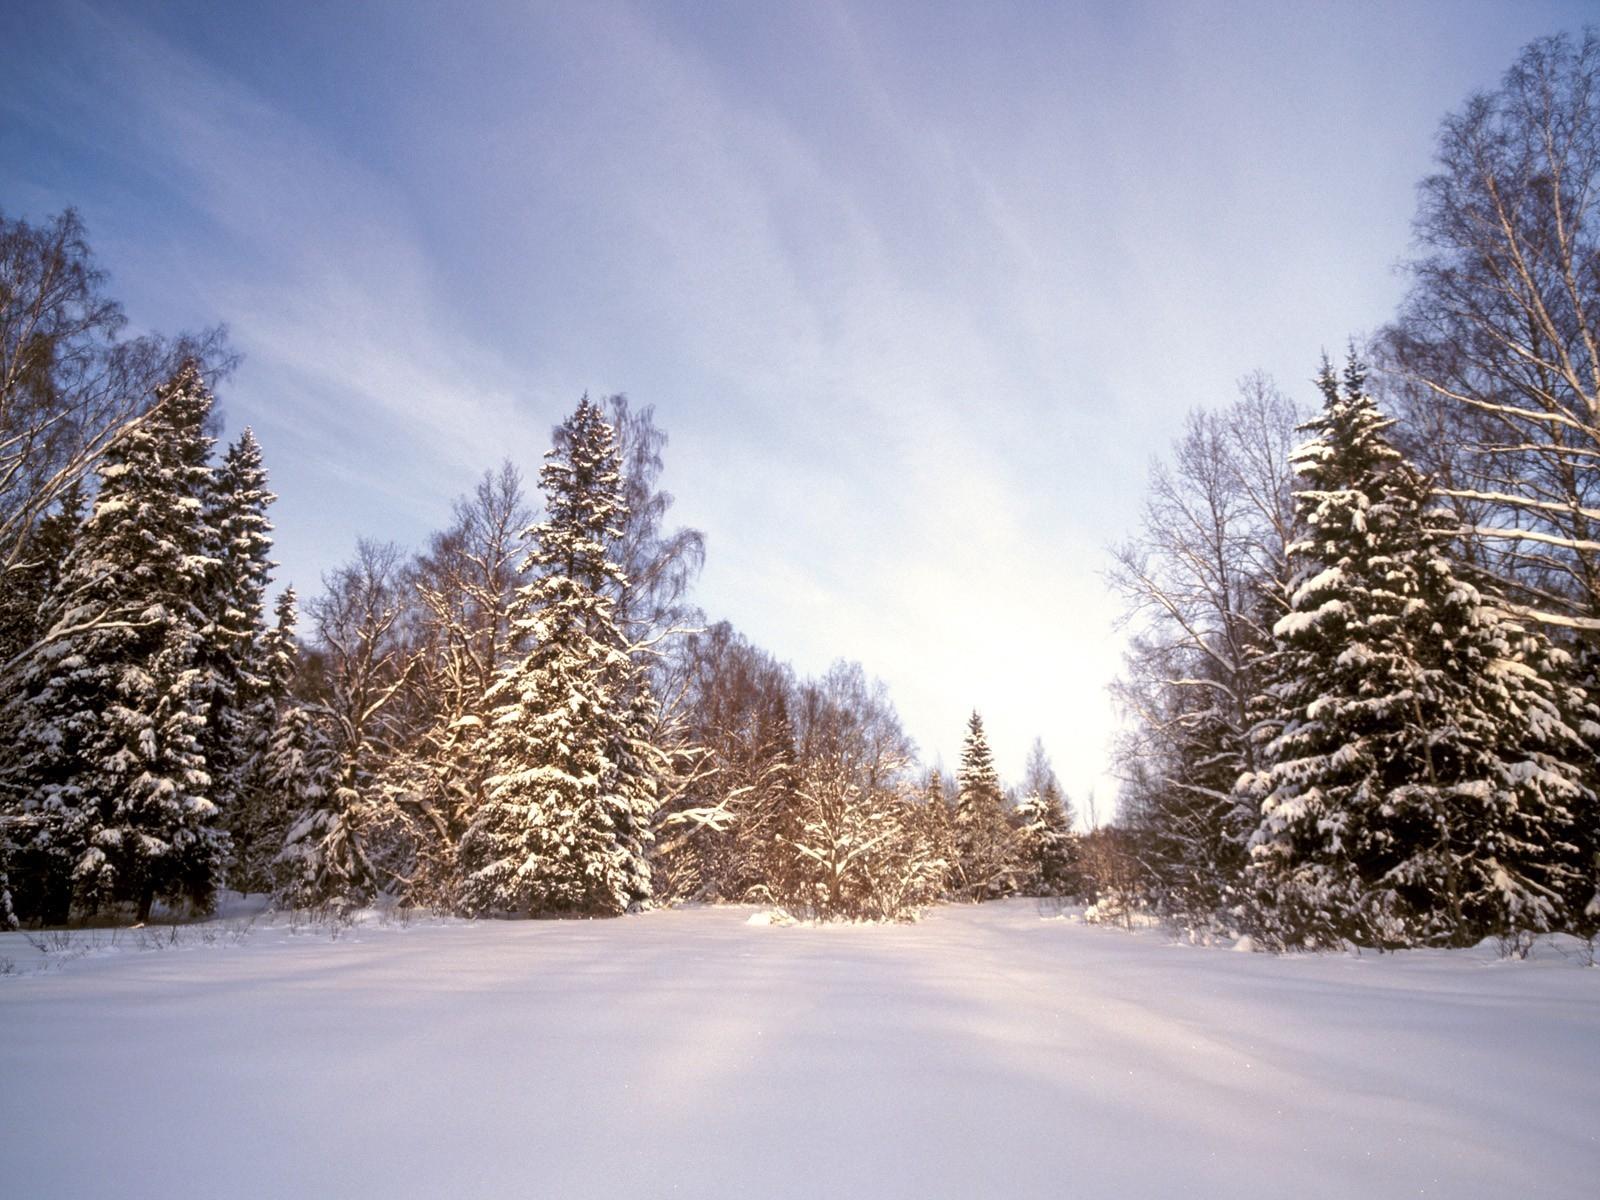 ради картинка зимней лесной поляны вокруг